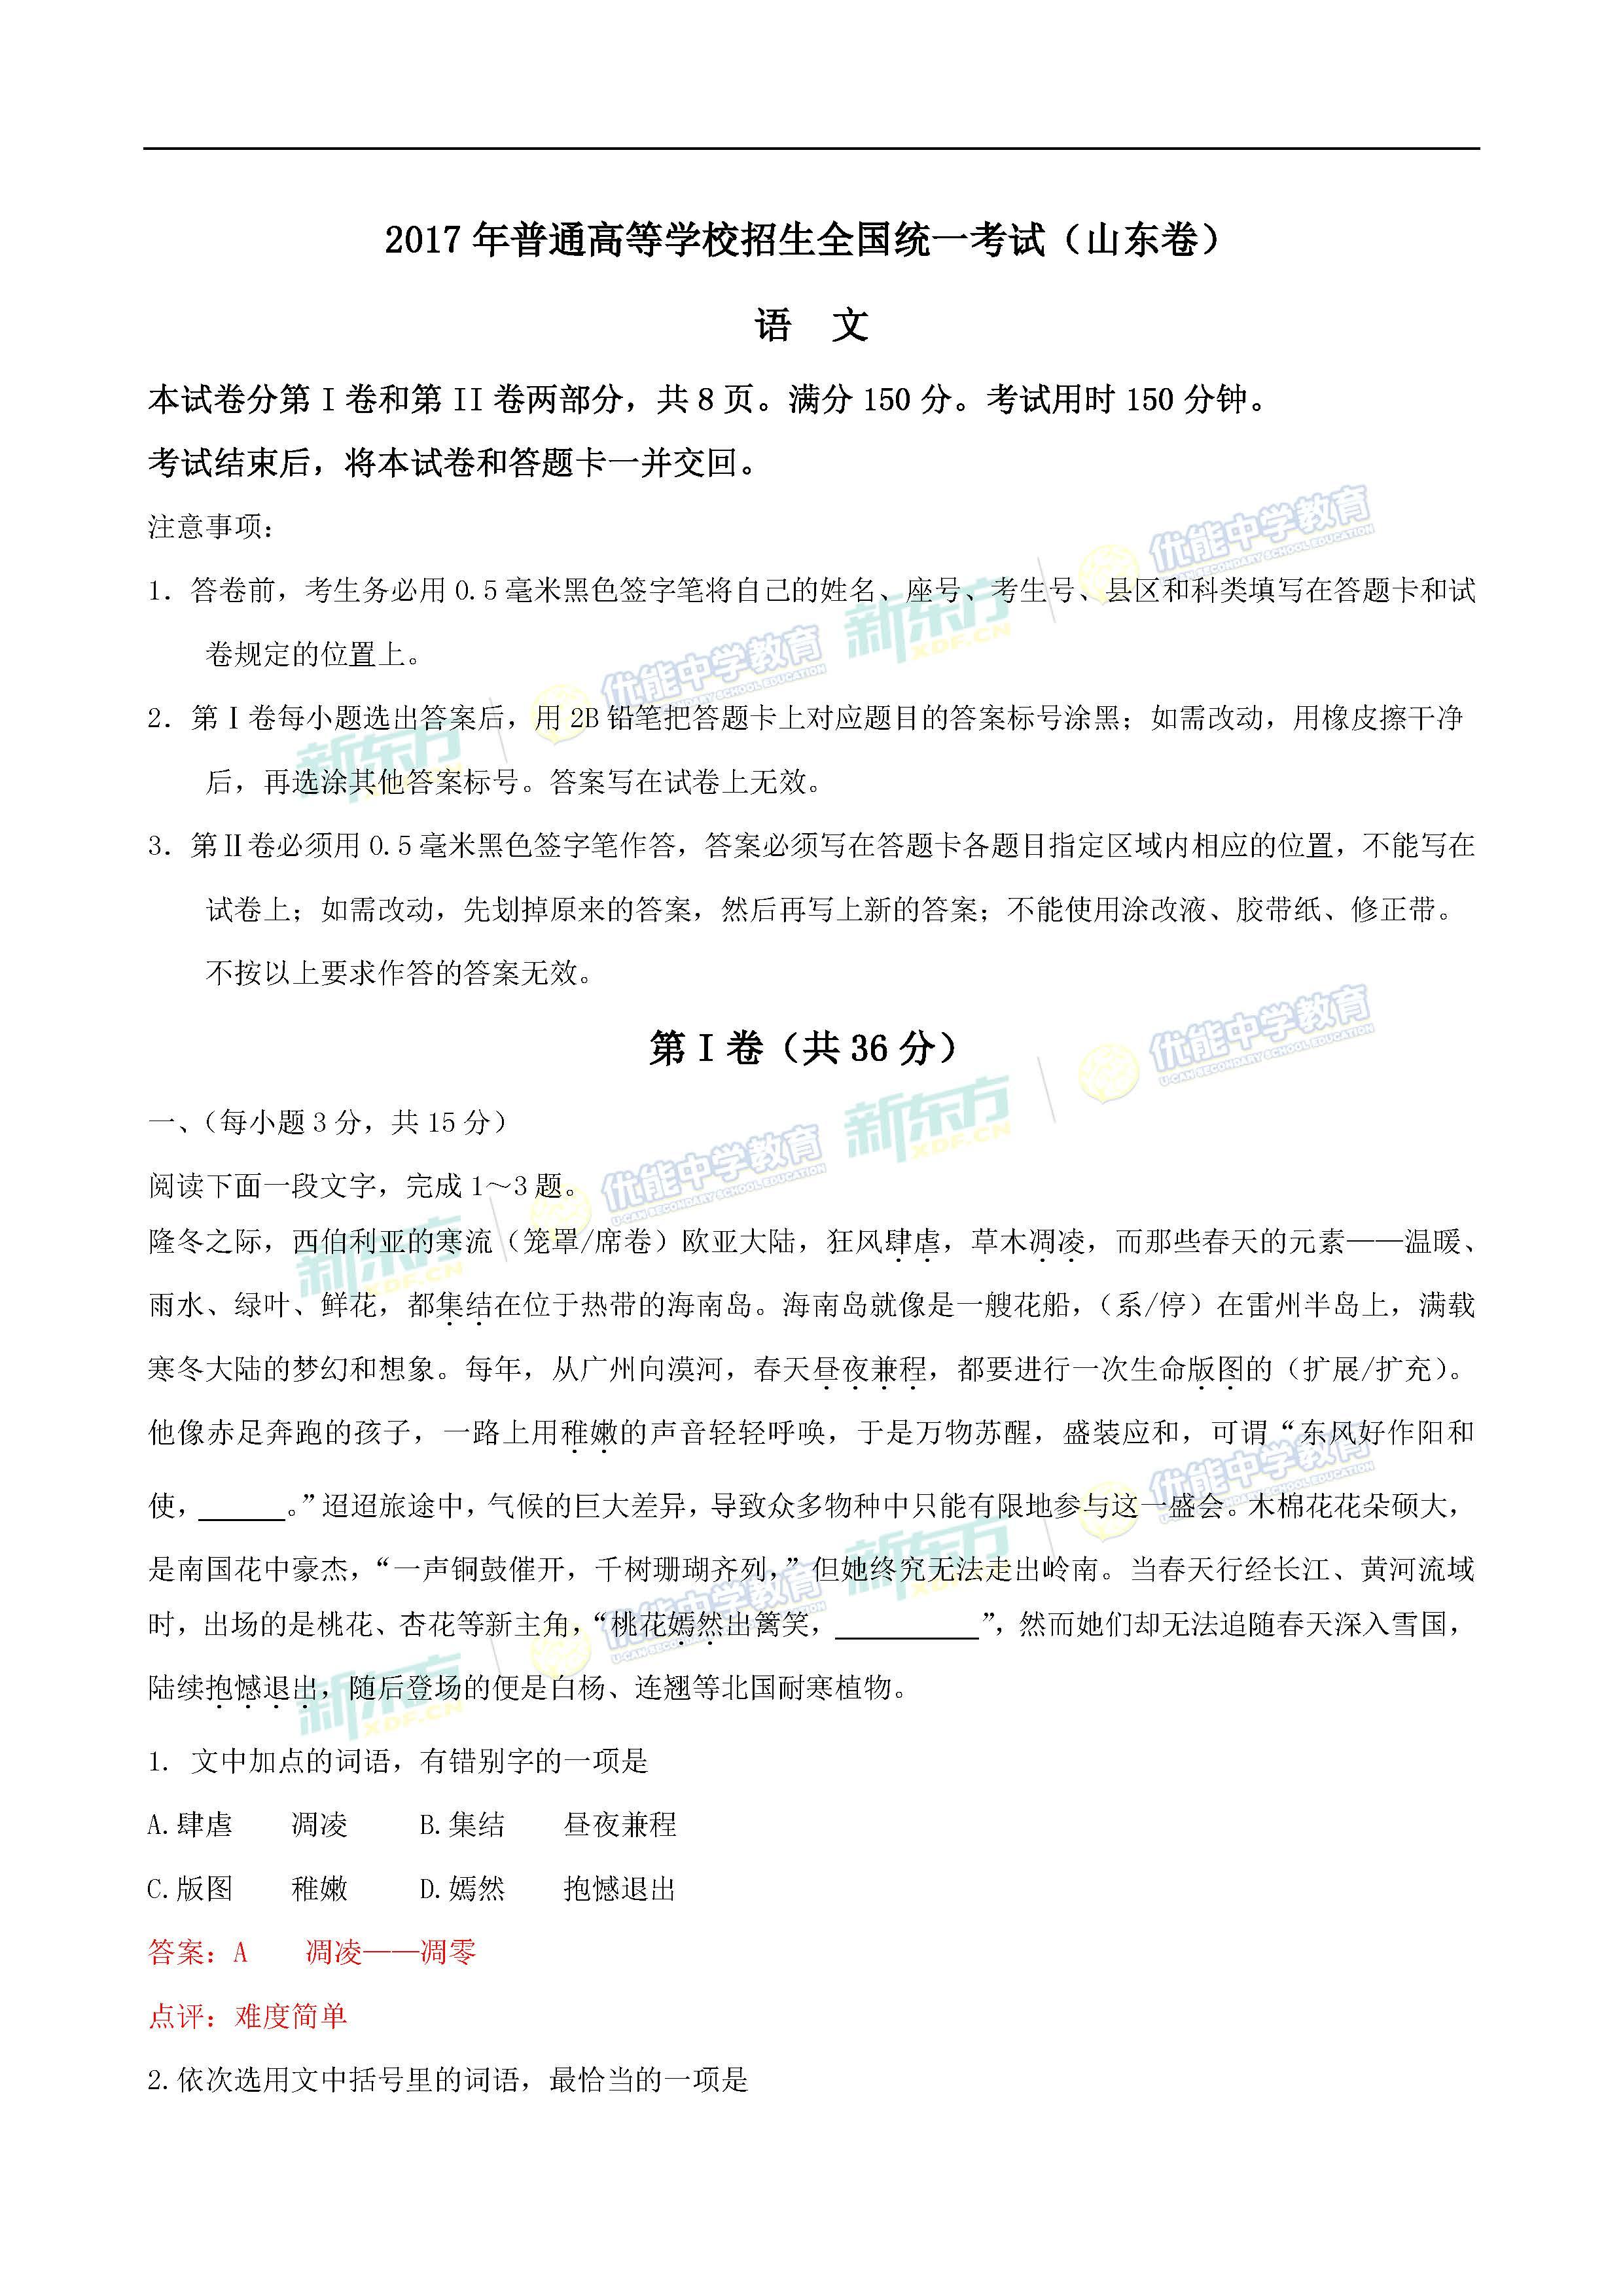 2017山东高考语文试卷答案逐题解析(济南新东方优能)